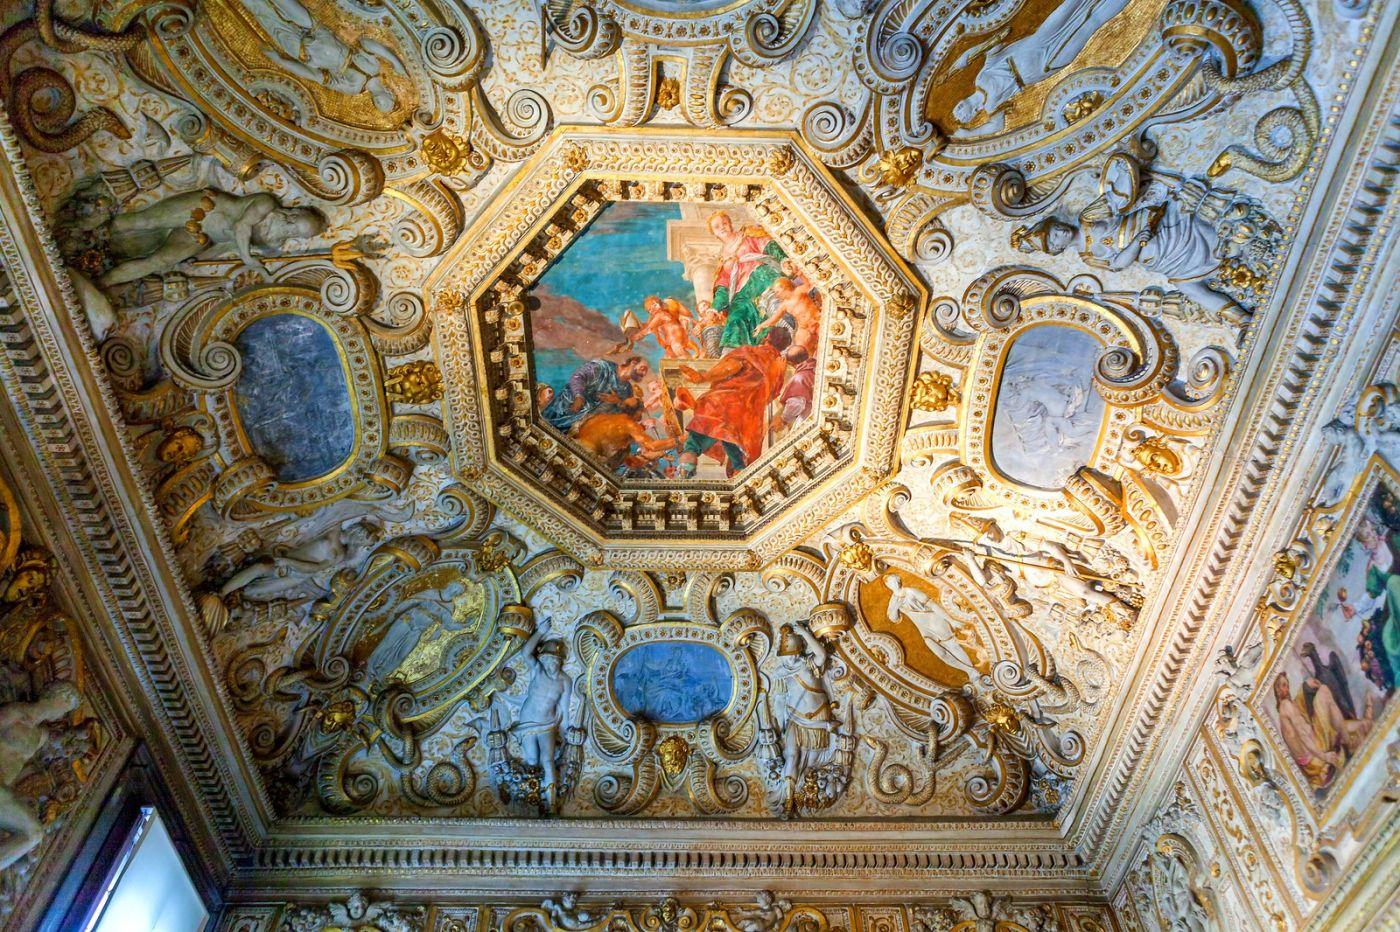 威尼斯圣马可大教堂(St Mark's Basilica), 精雕细琢的顶设_图1-12